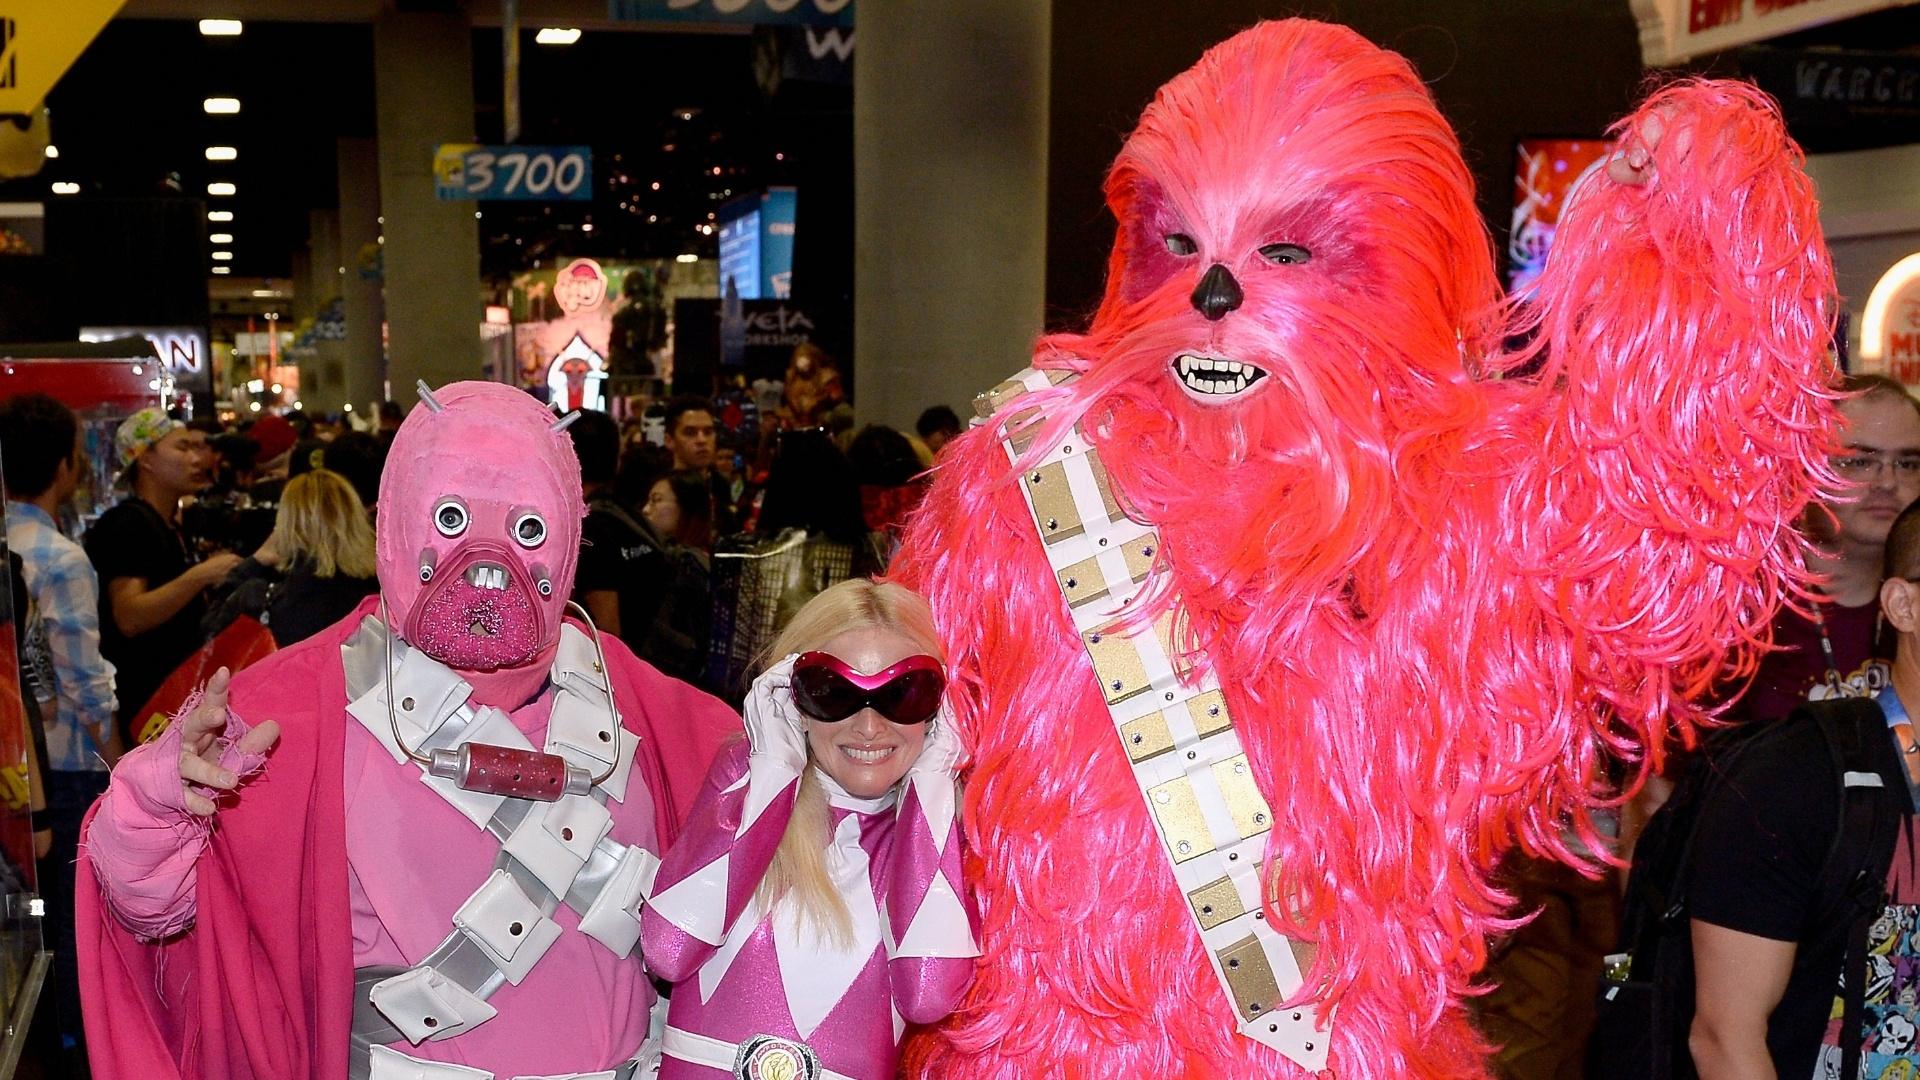 24.jul.2016 - Uma versão feminina de Chewbacca posa ao lado de outros amigos 'cor-de-rosa' na Comic-Con